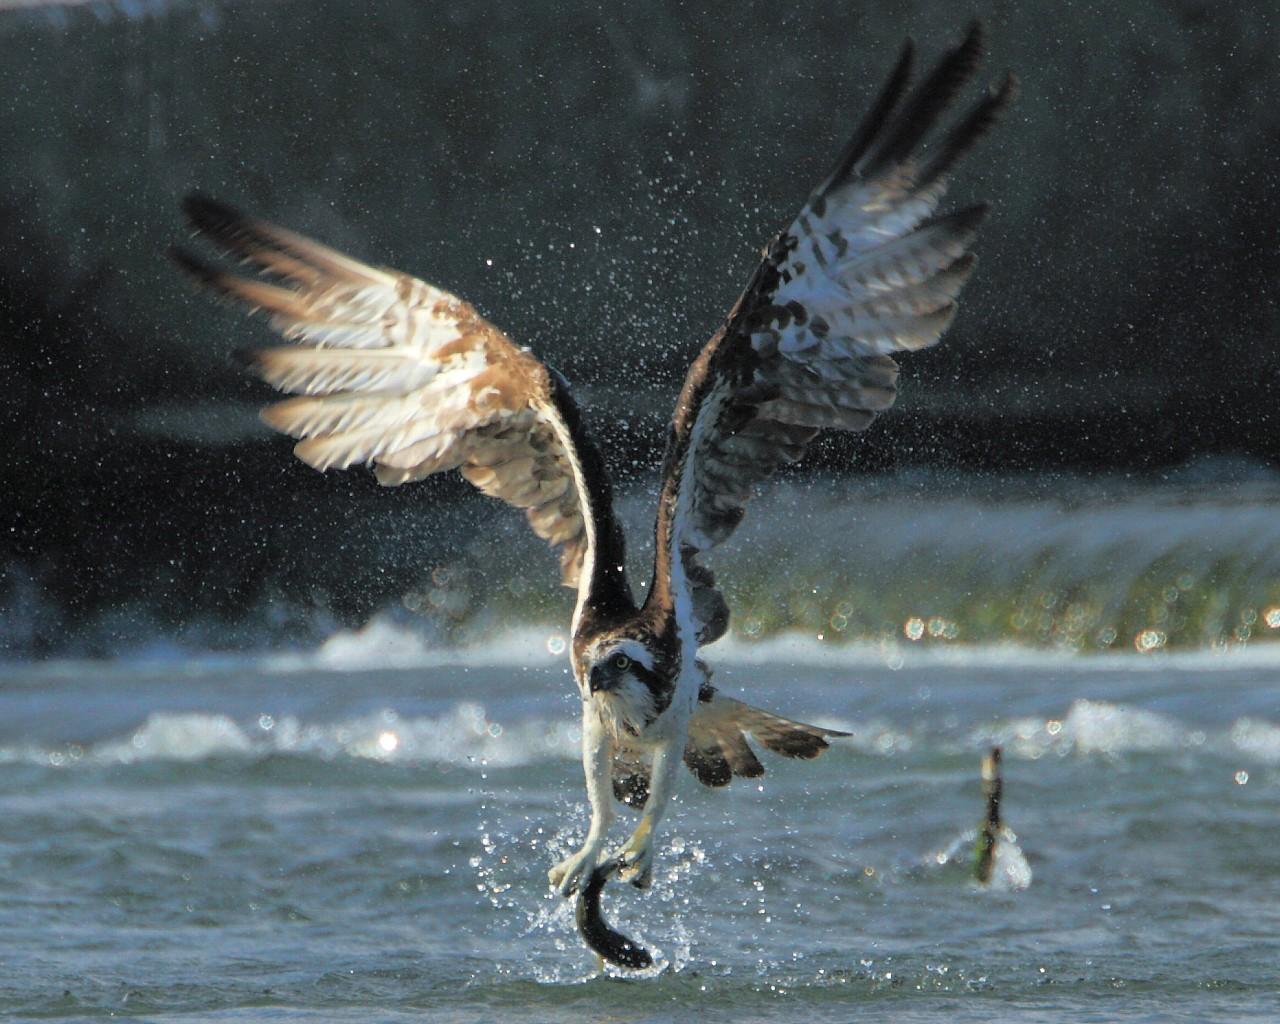 相模川のミサゴが大きなボラを捕まえた!_f0105570_21145835.jpg